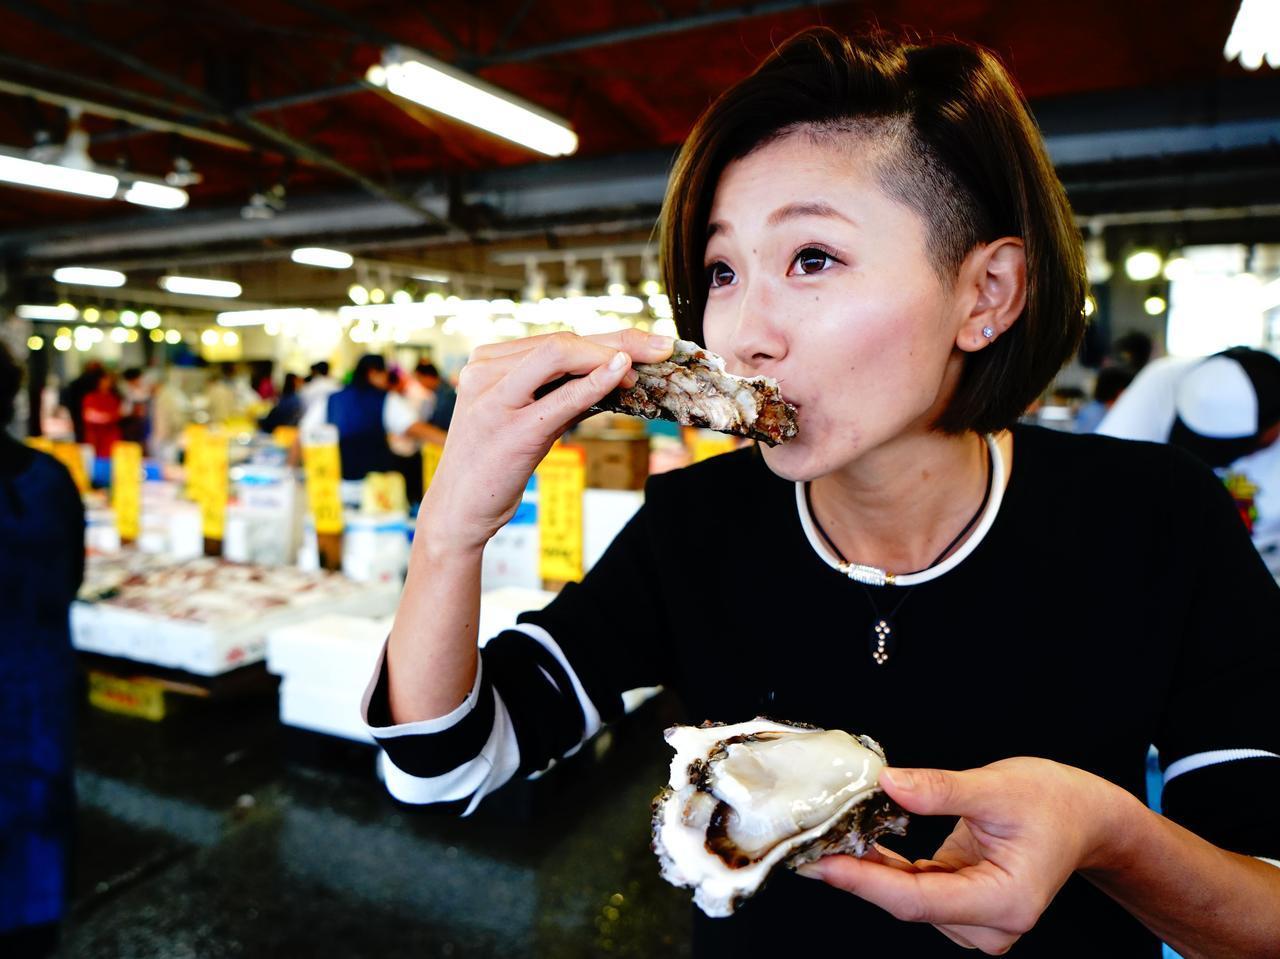 画像: プリプリ新鮮の生ガキは身が大きくて、食べるのにちょっと苦労するくらい